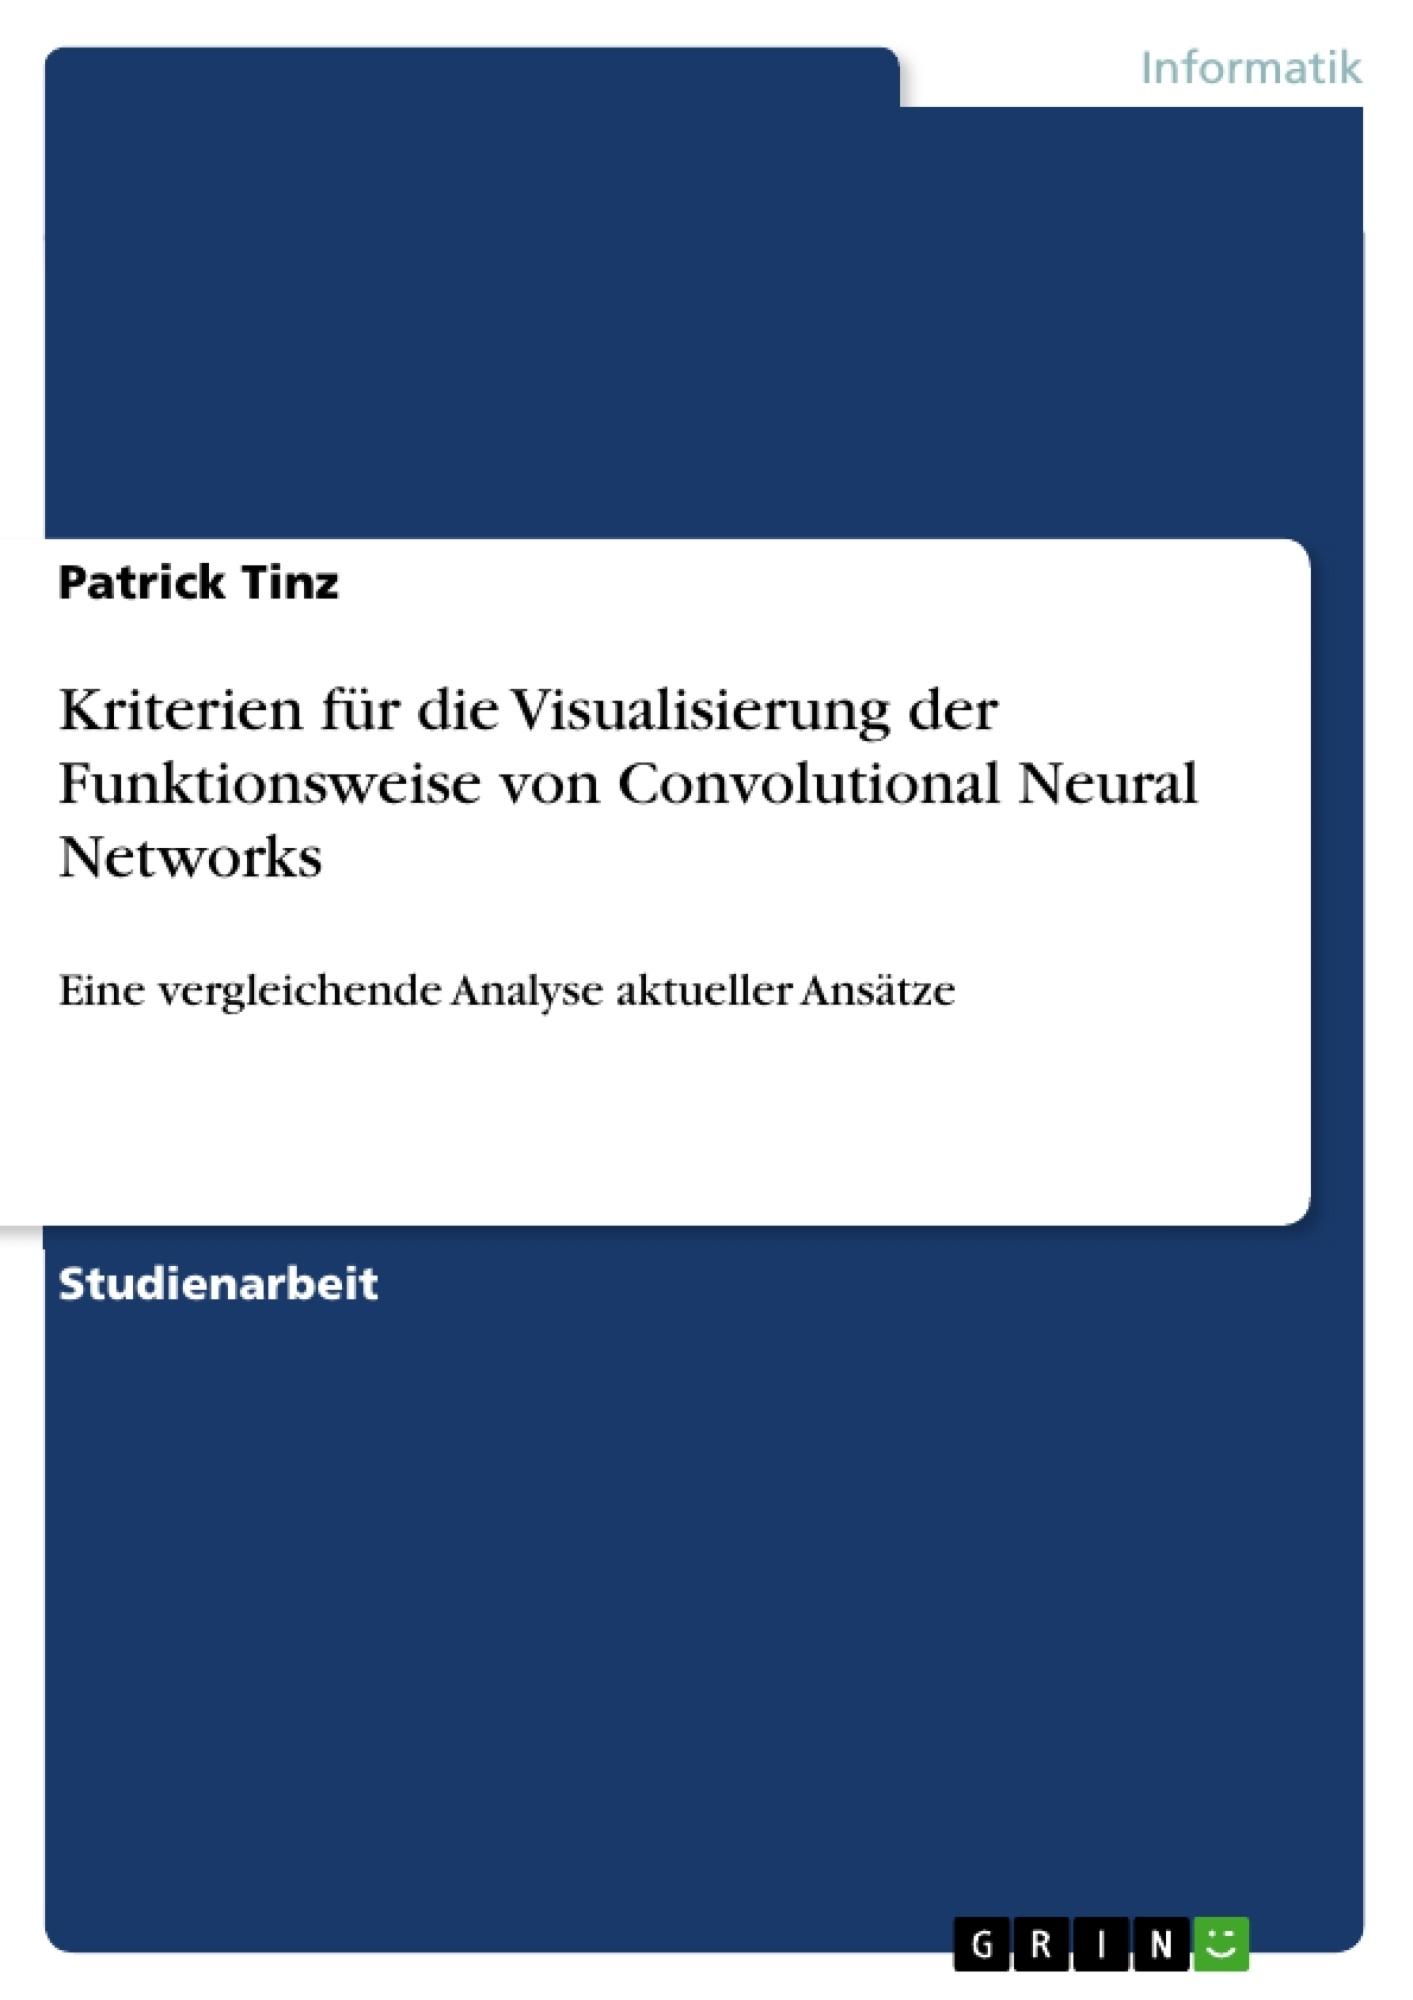 Titel: Kriterien für die Visualisierung der Funktionsweise von Convolutional Neural Networks